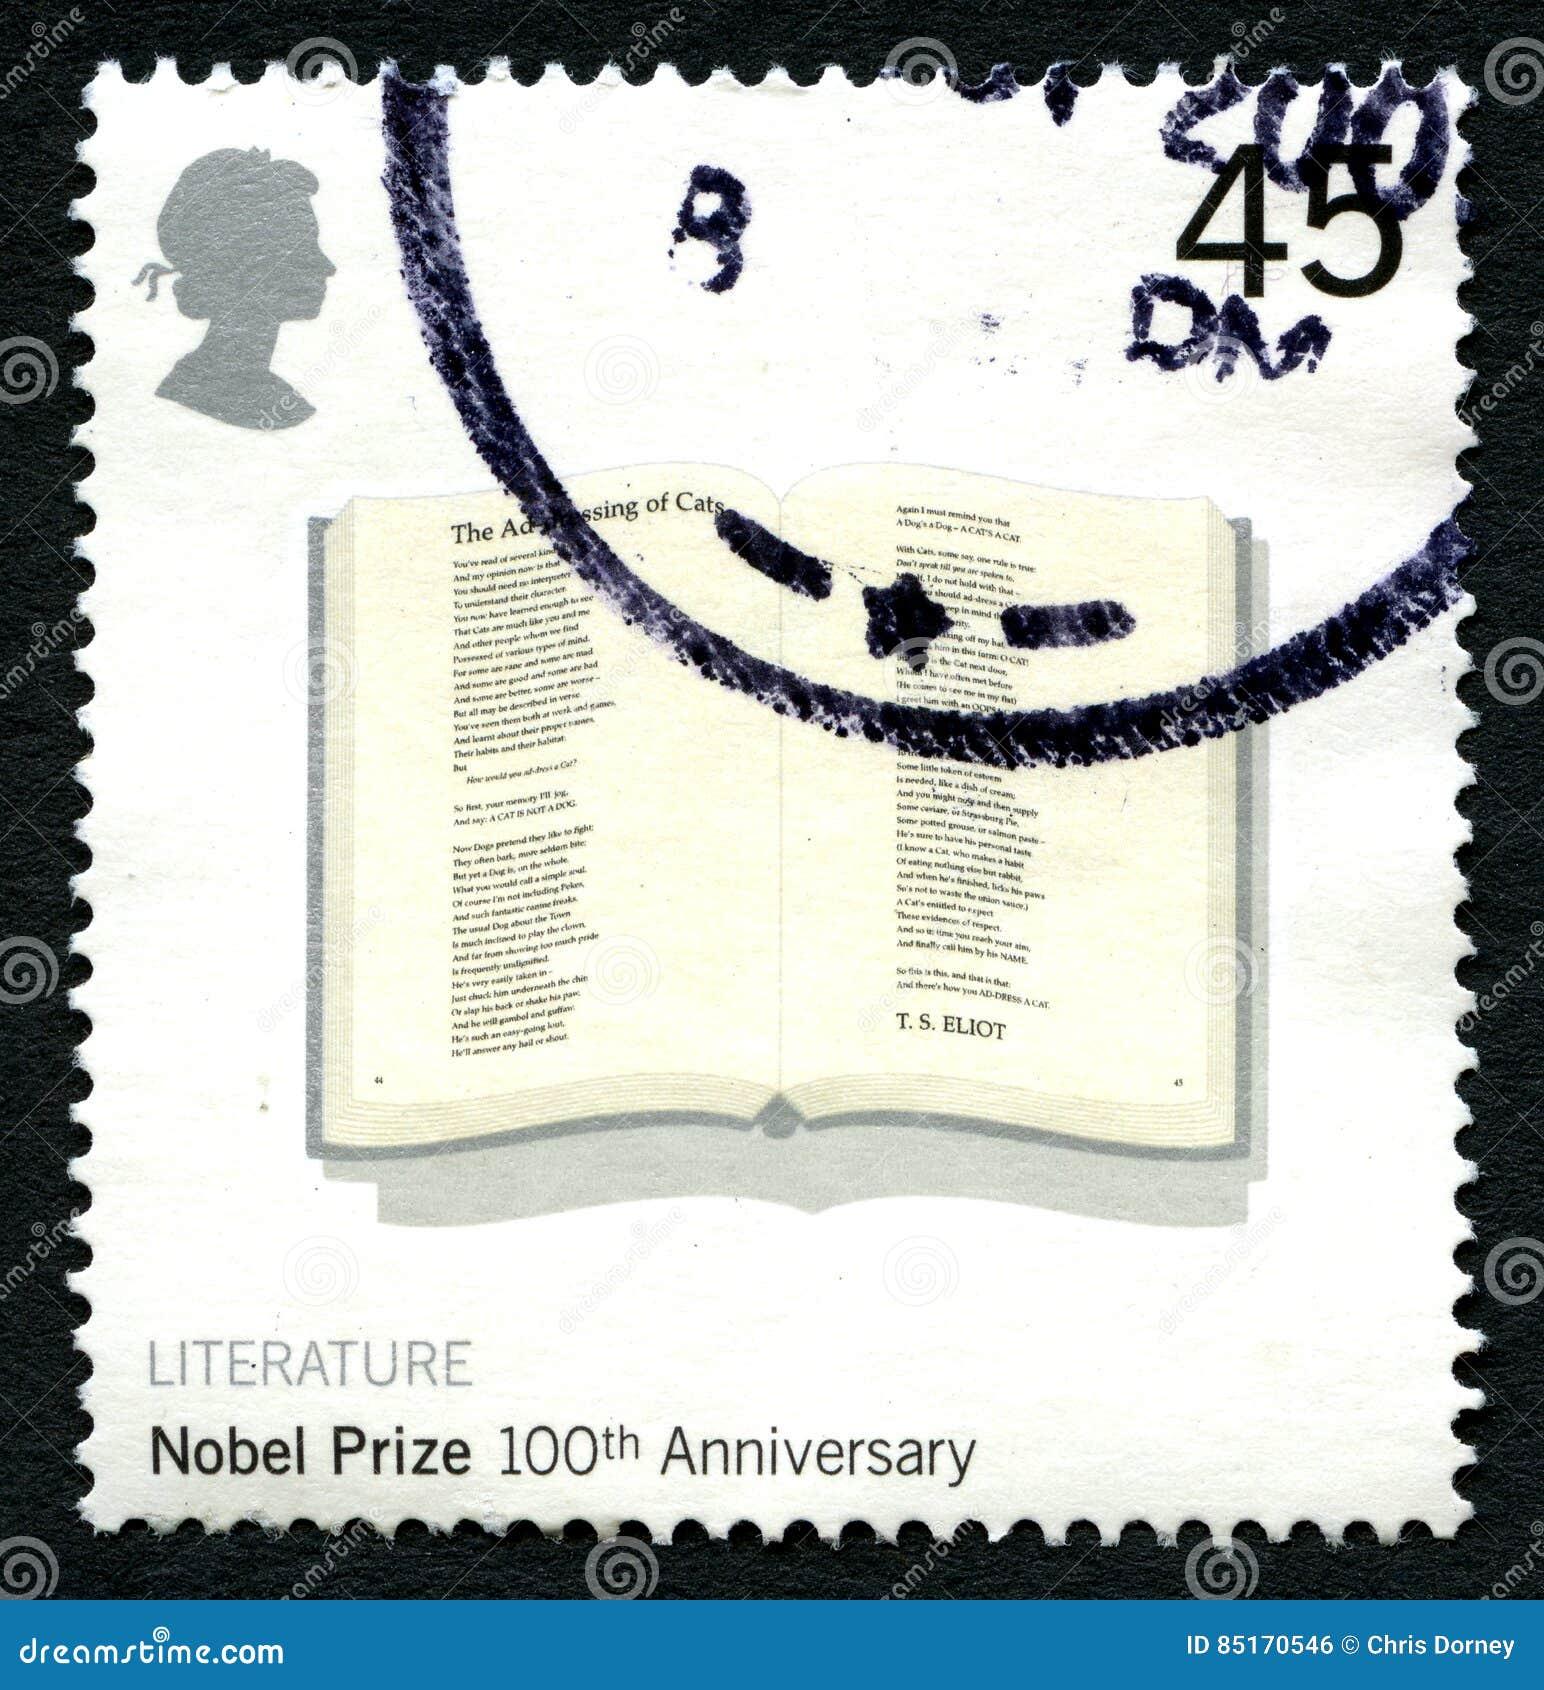 Selo postal do Reino Unido do aniversário do prêmio nobel 100th